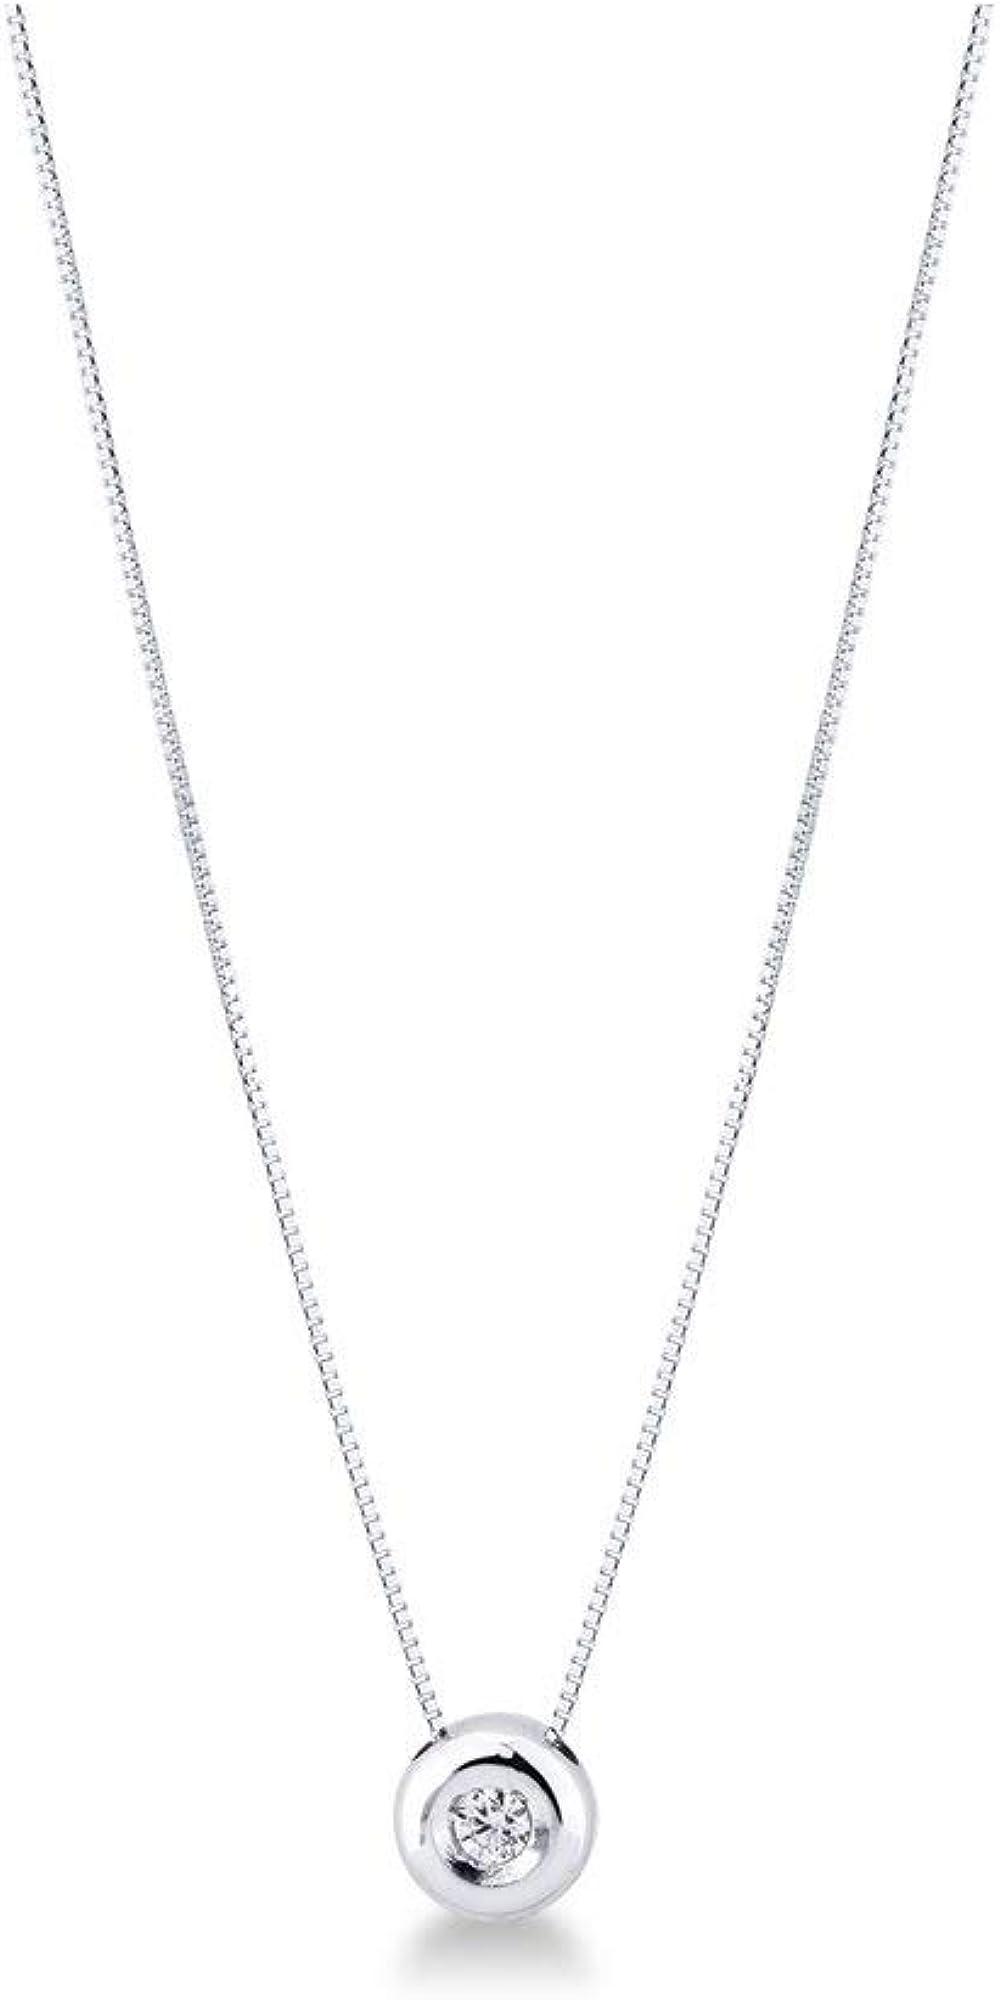 Collana punto luce grande in oro bianco 18k con diamante gioielli di valenza 2PROMO